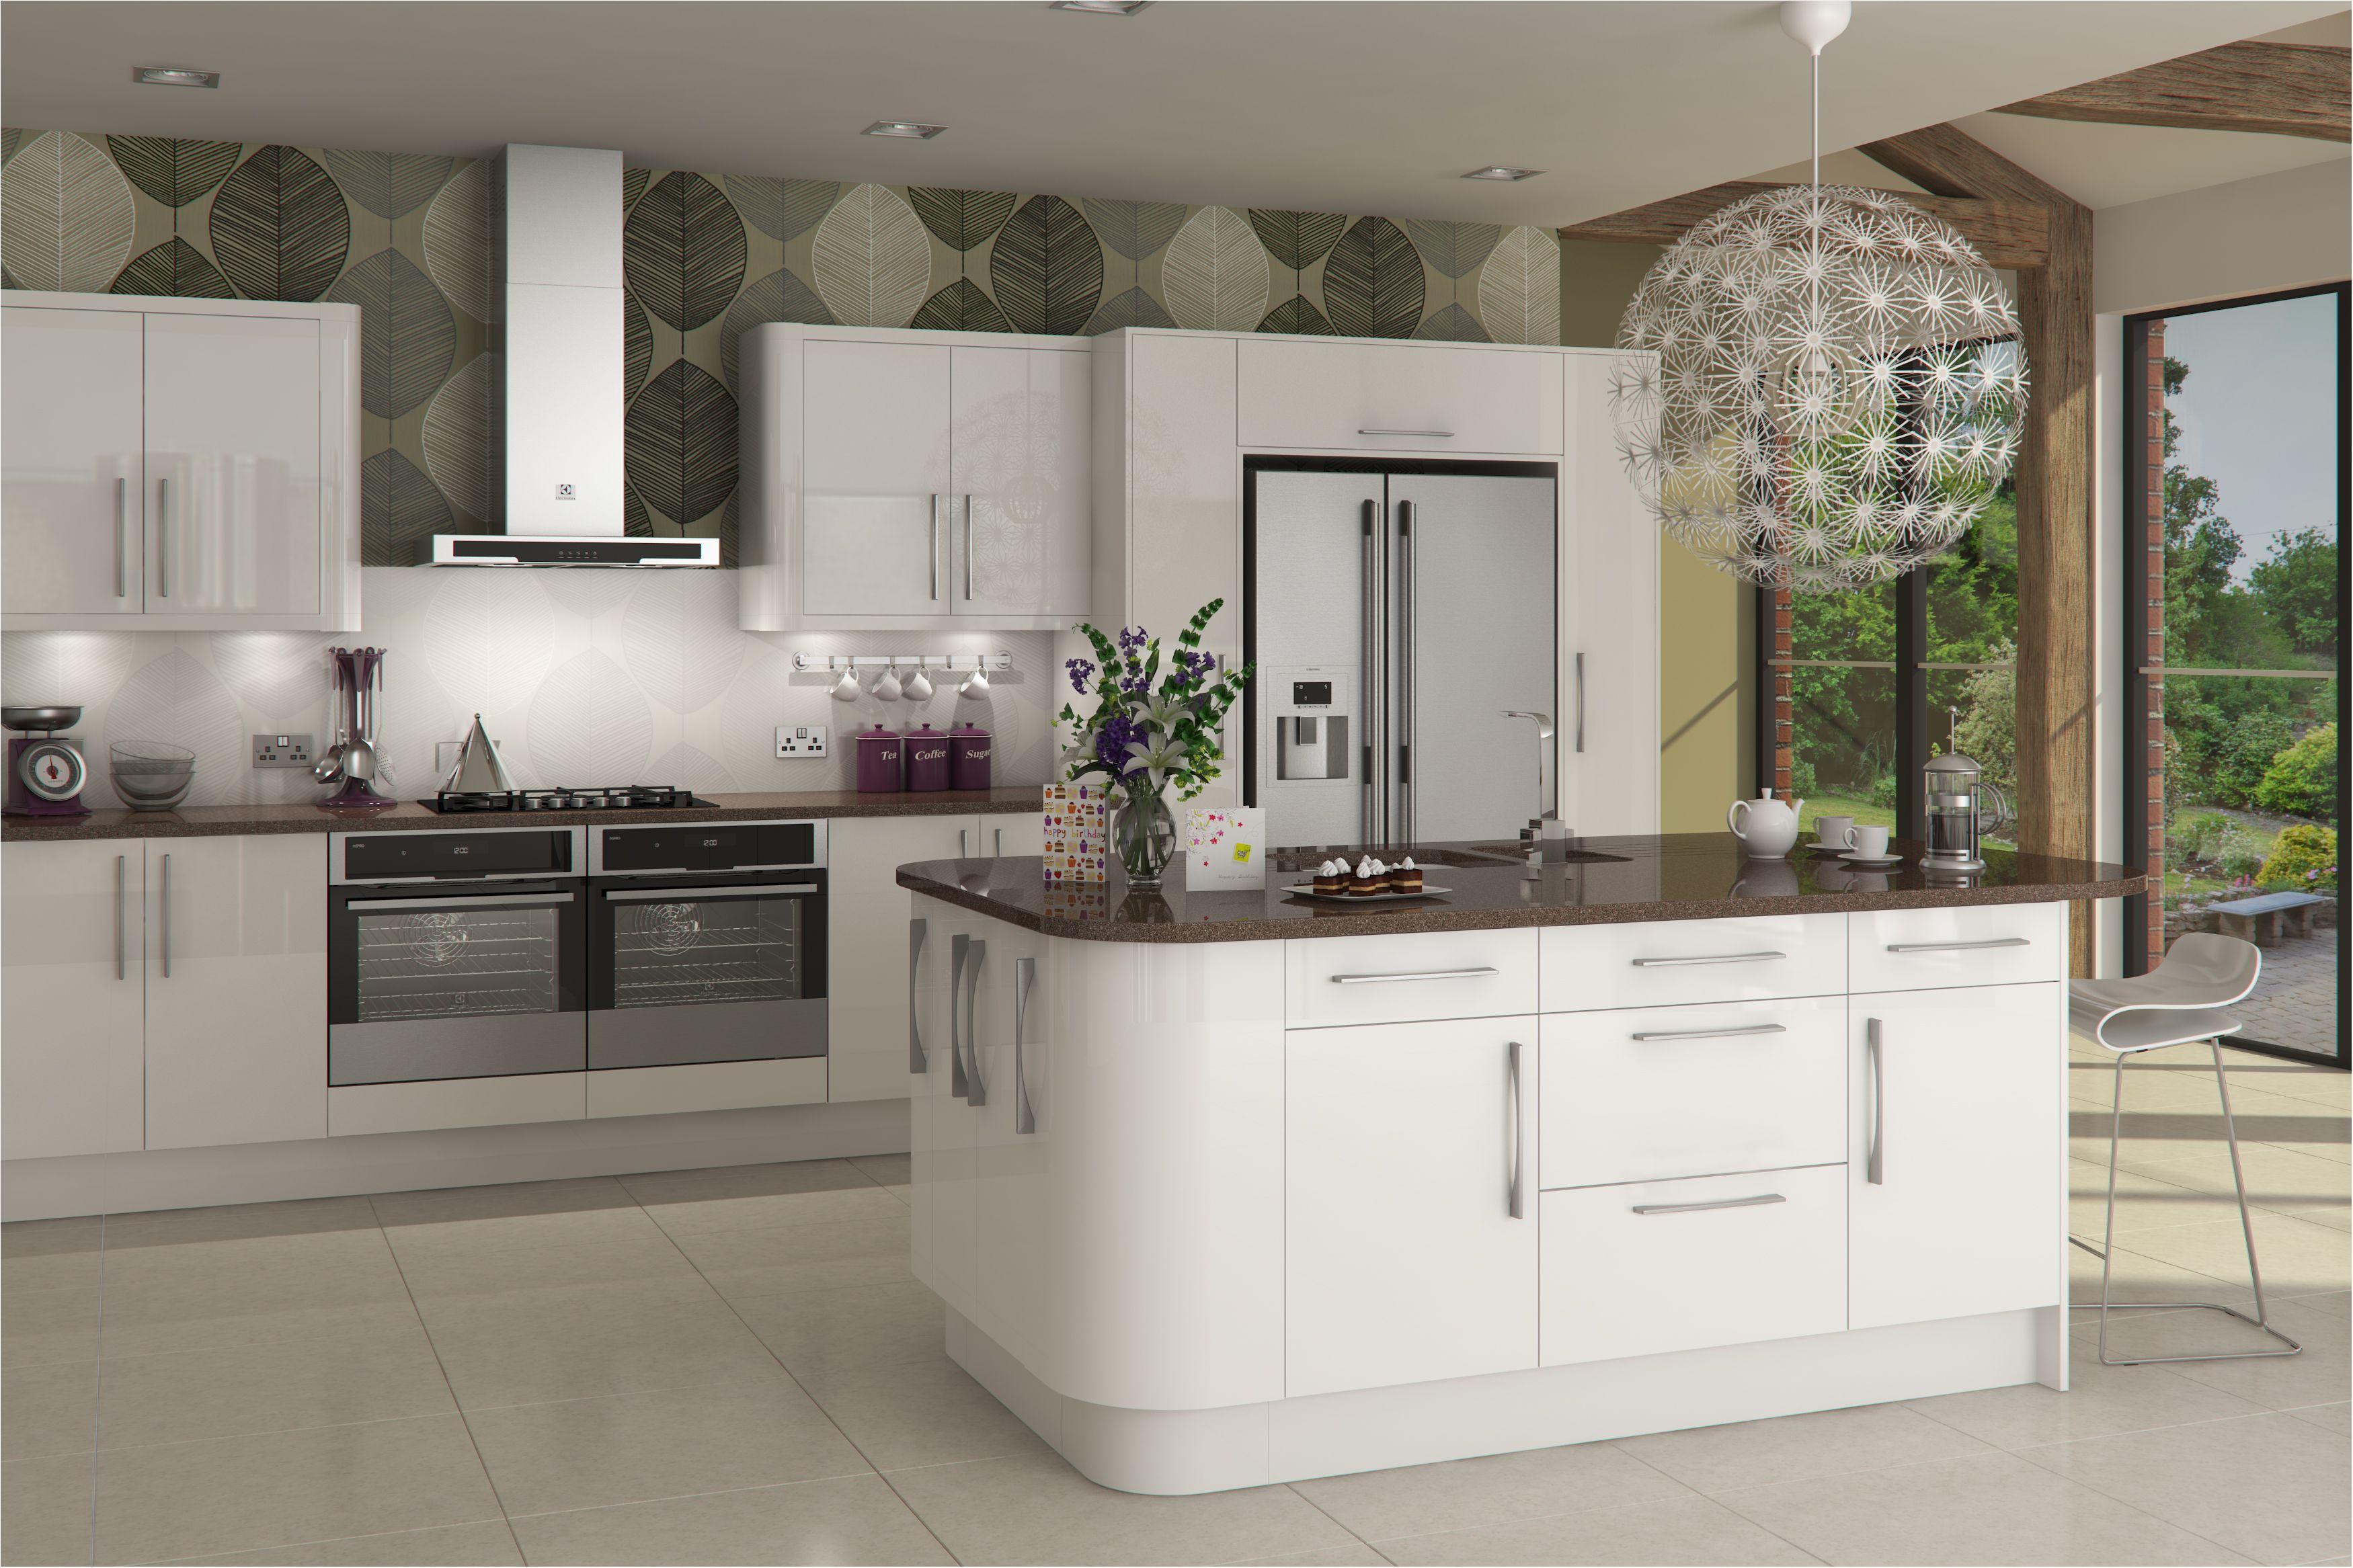 A Innova Livorna white gloss kitchen http//www.diy